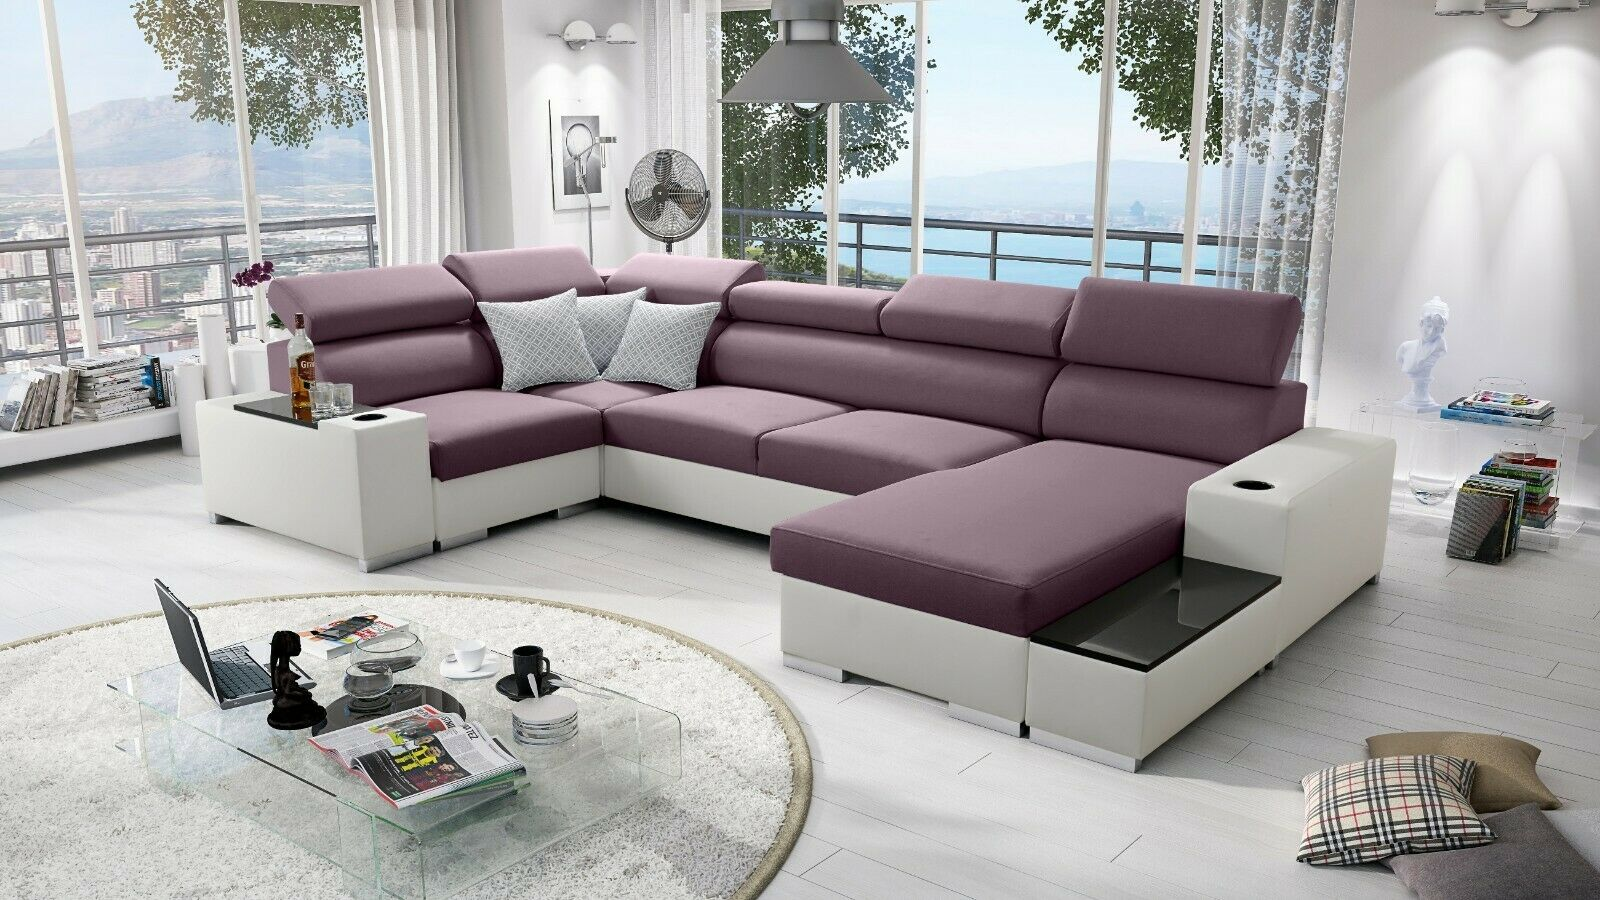 Full Size of Sofa Bezug Ecksofa Garten Großes Bett Bild Wohnzimmer Mit Ottomane Regal Wohnzimmer Großes Ecksofa